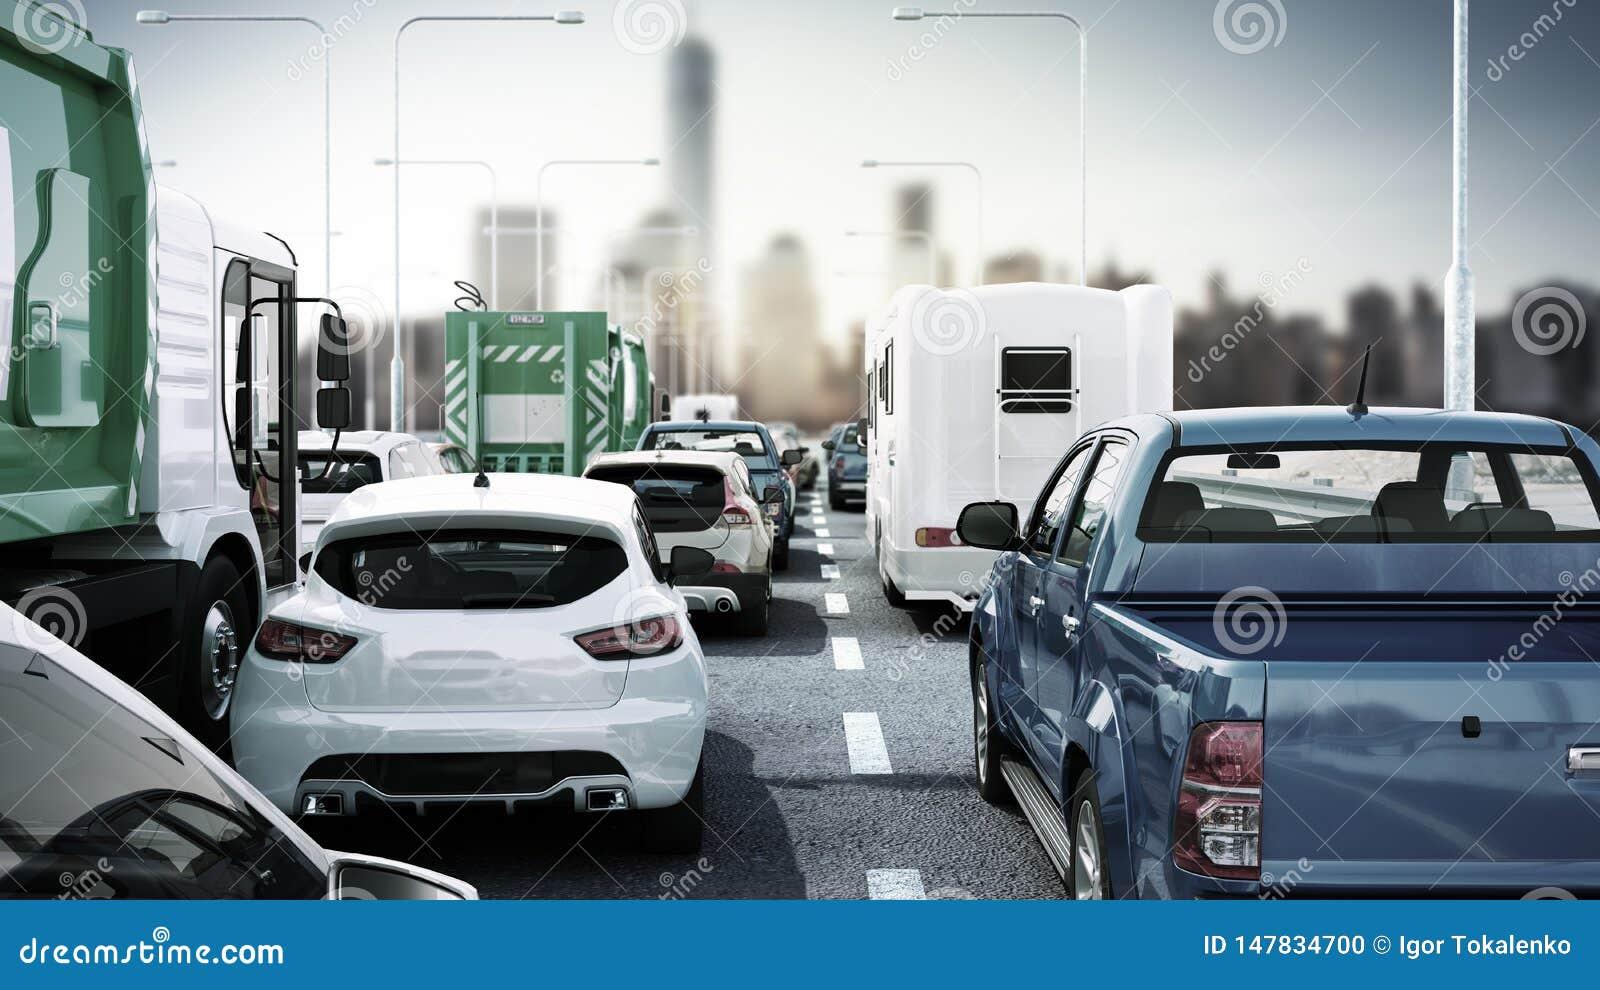 Cars on highway in traffic jam 3d render sity landscape